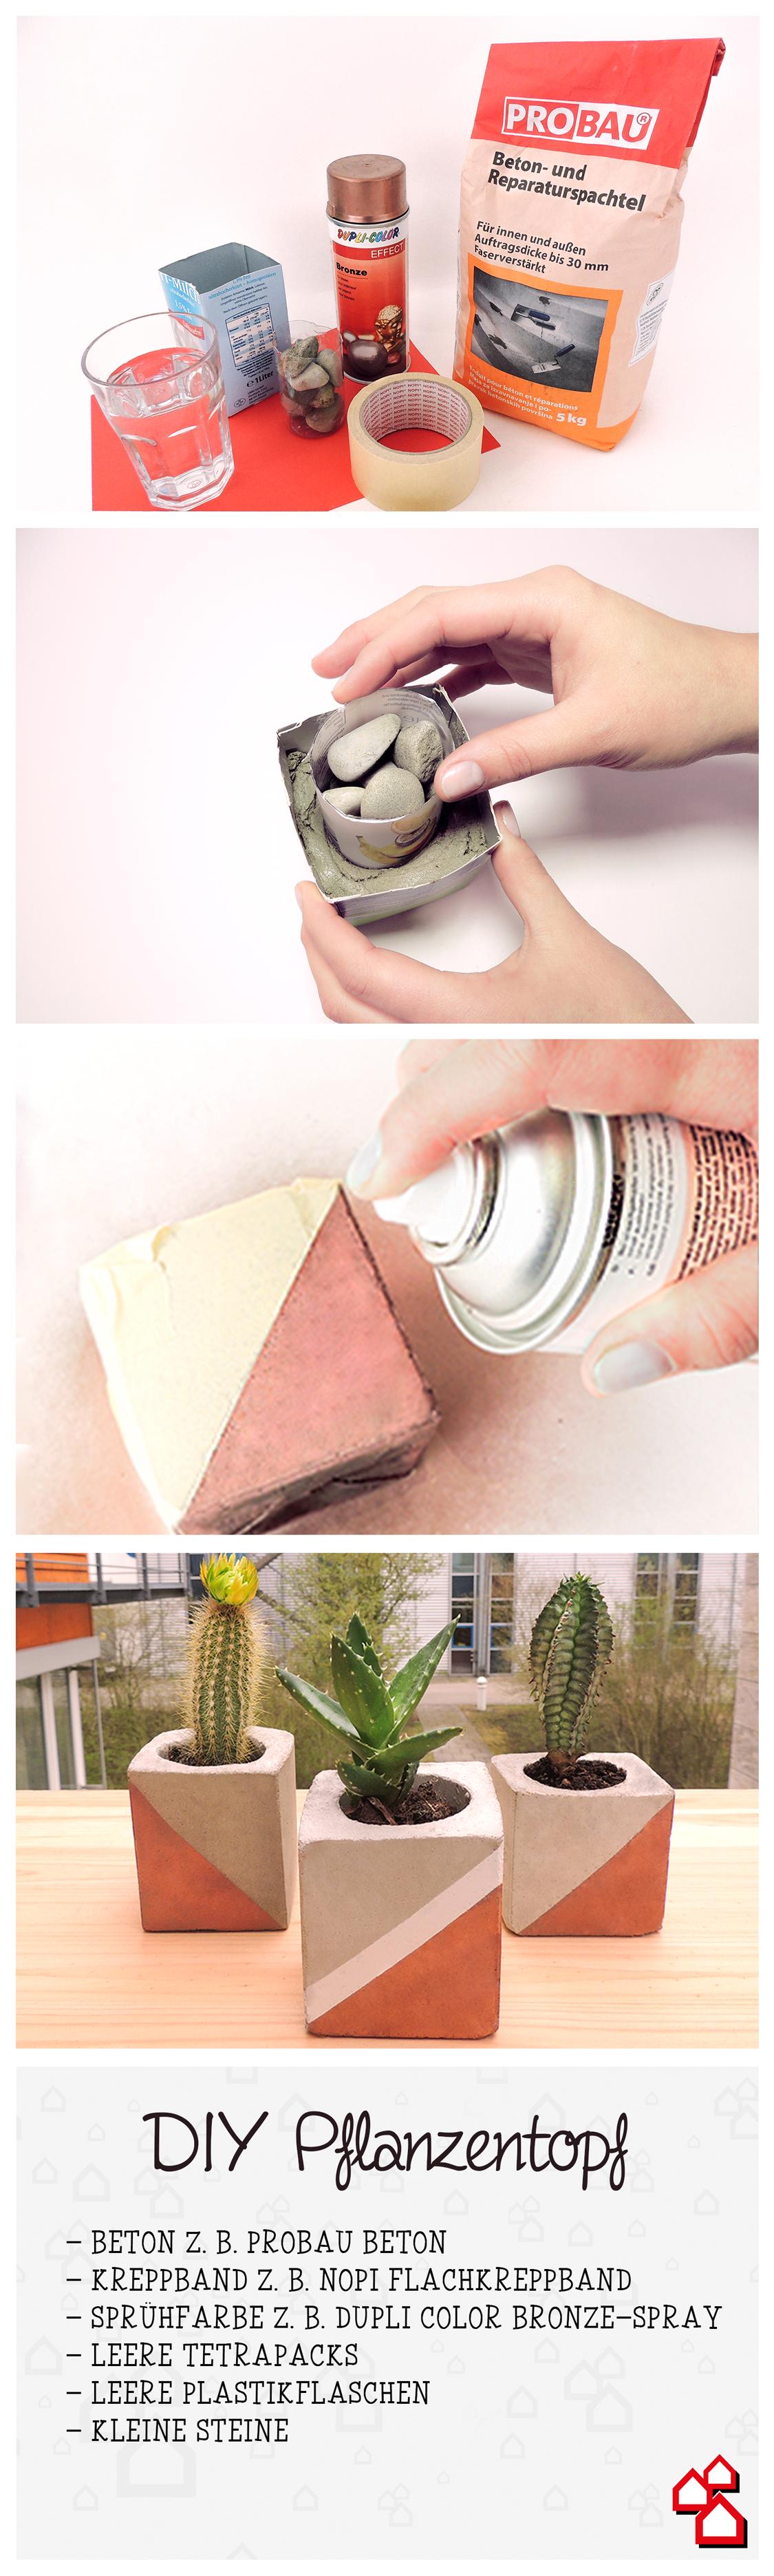 DupliColor Effect BronzeSpray Plastikflaschen, Beton